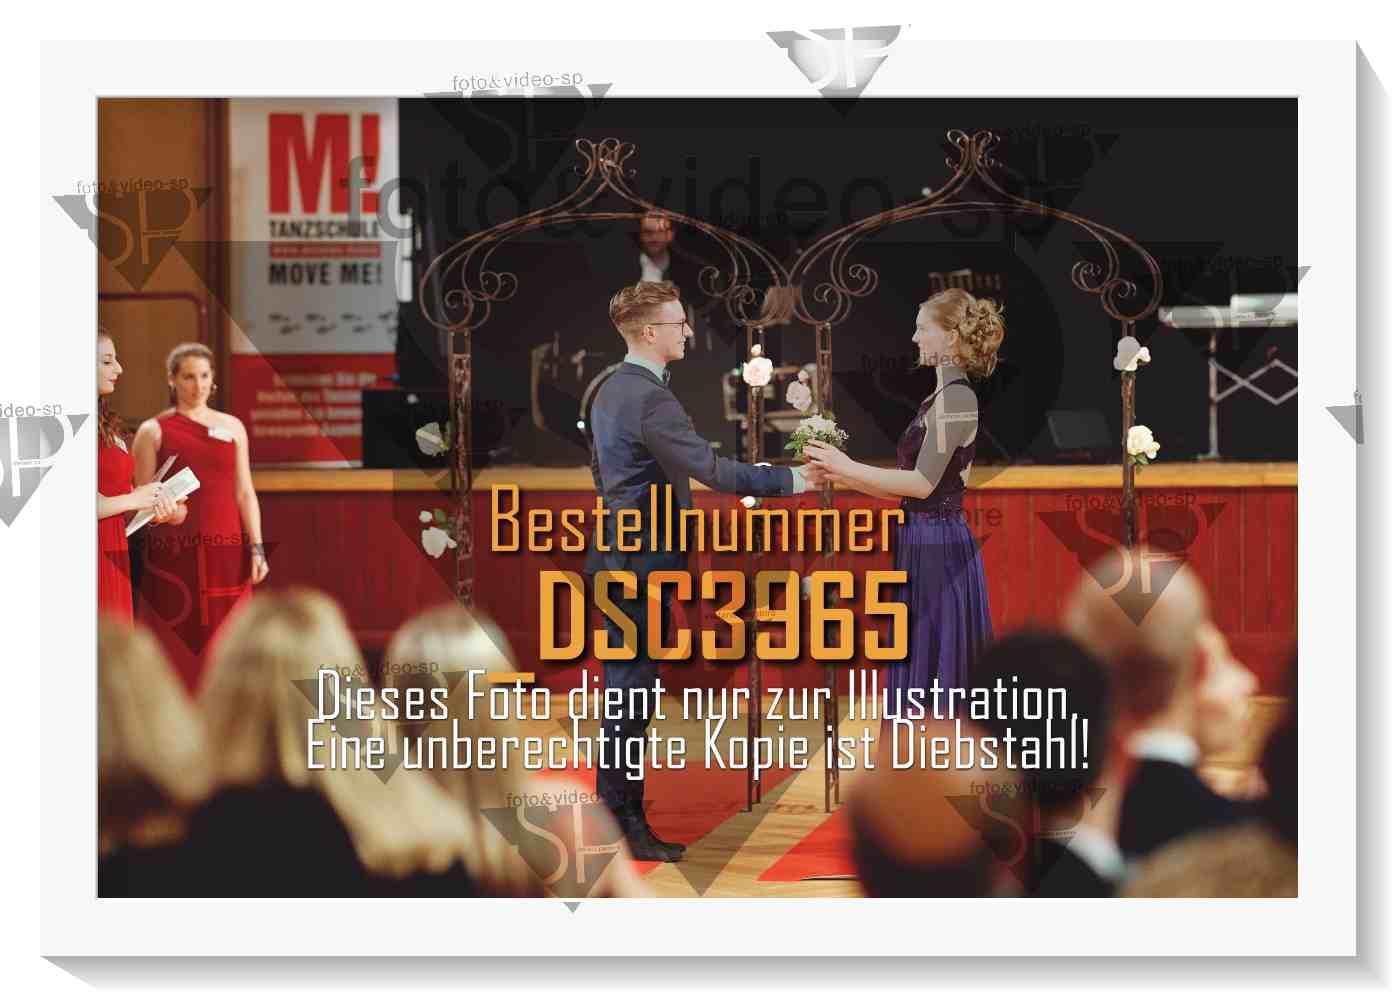 DSC3965